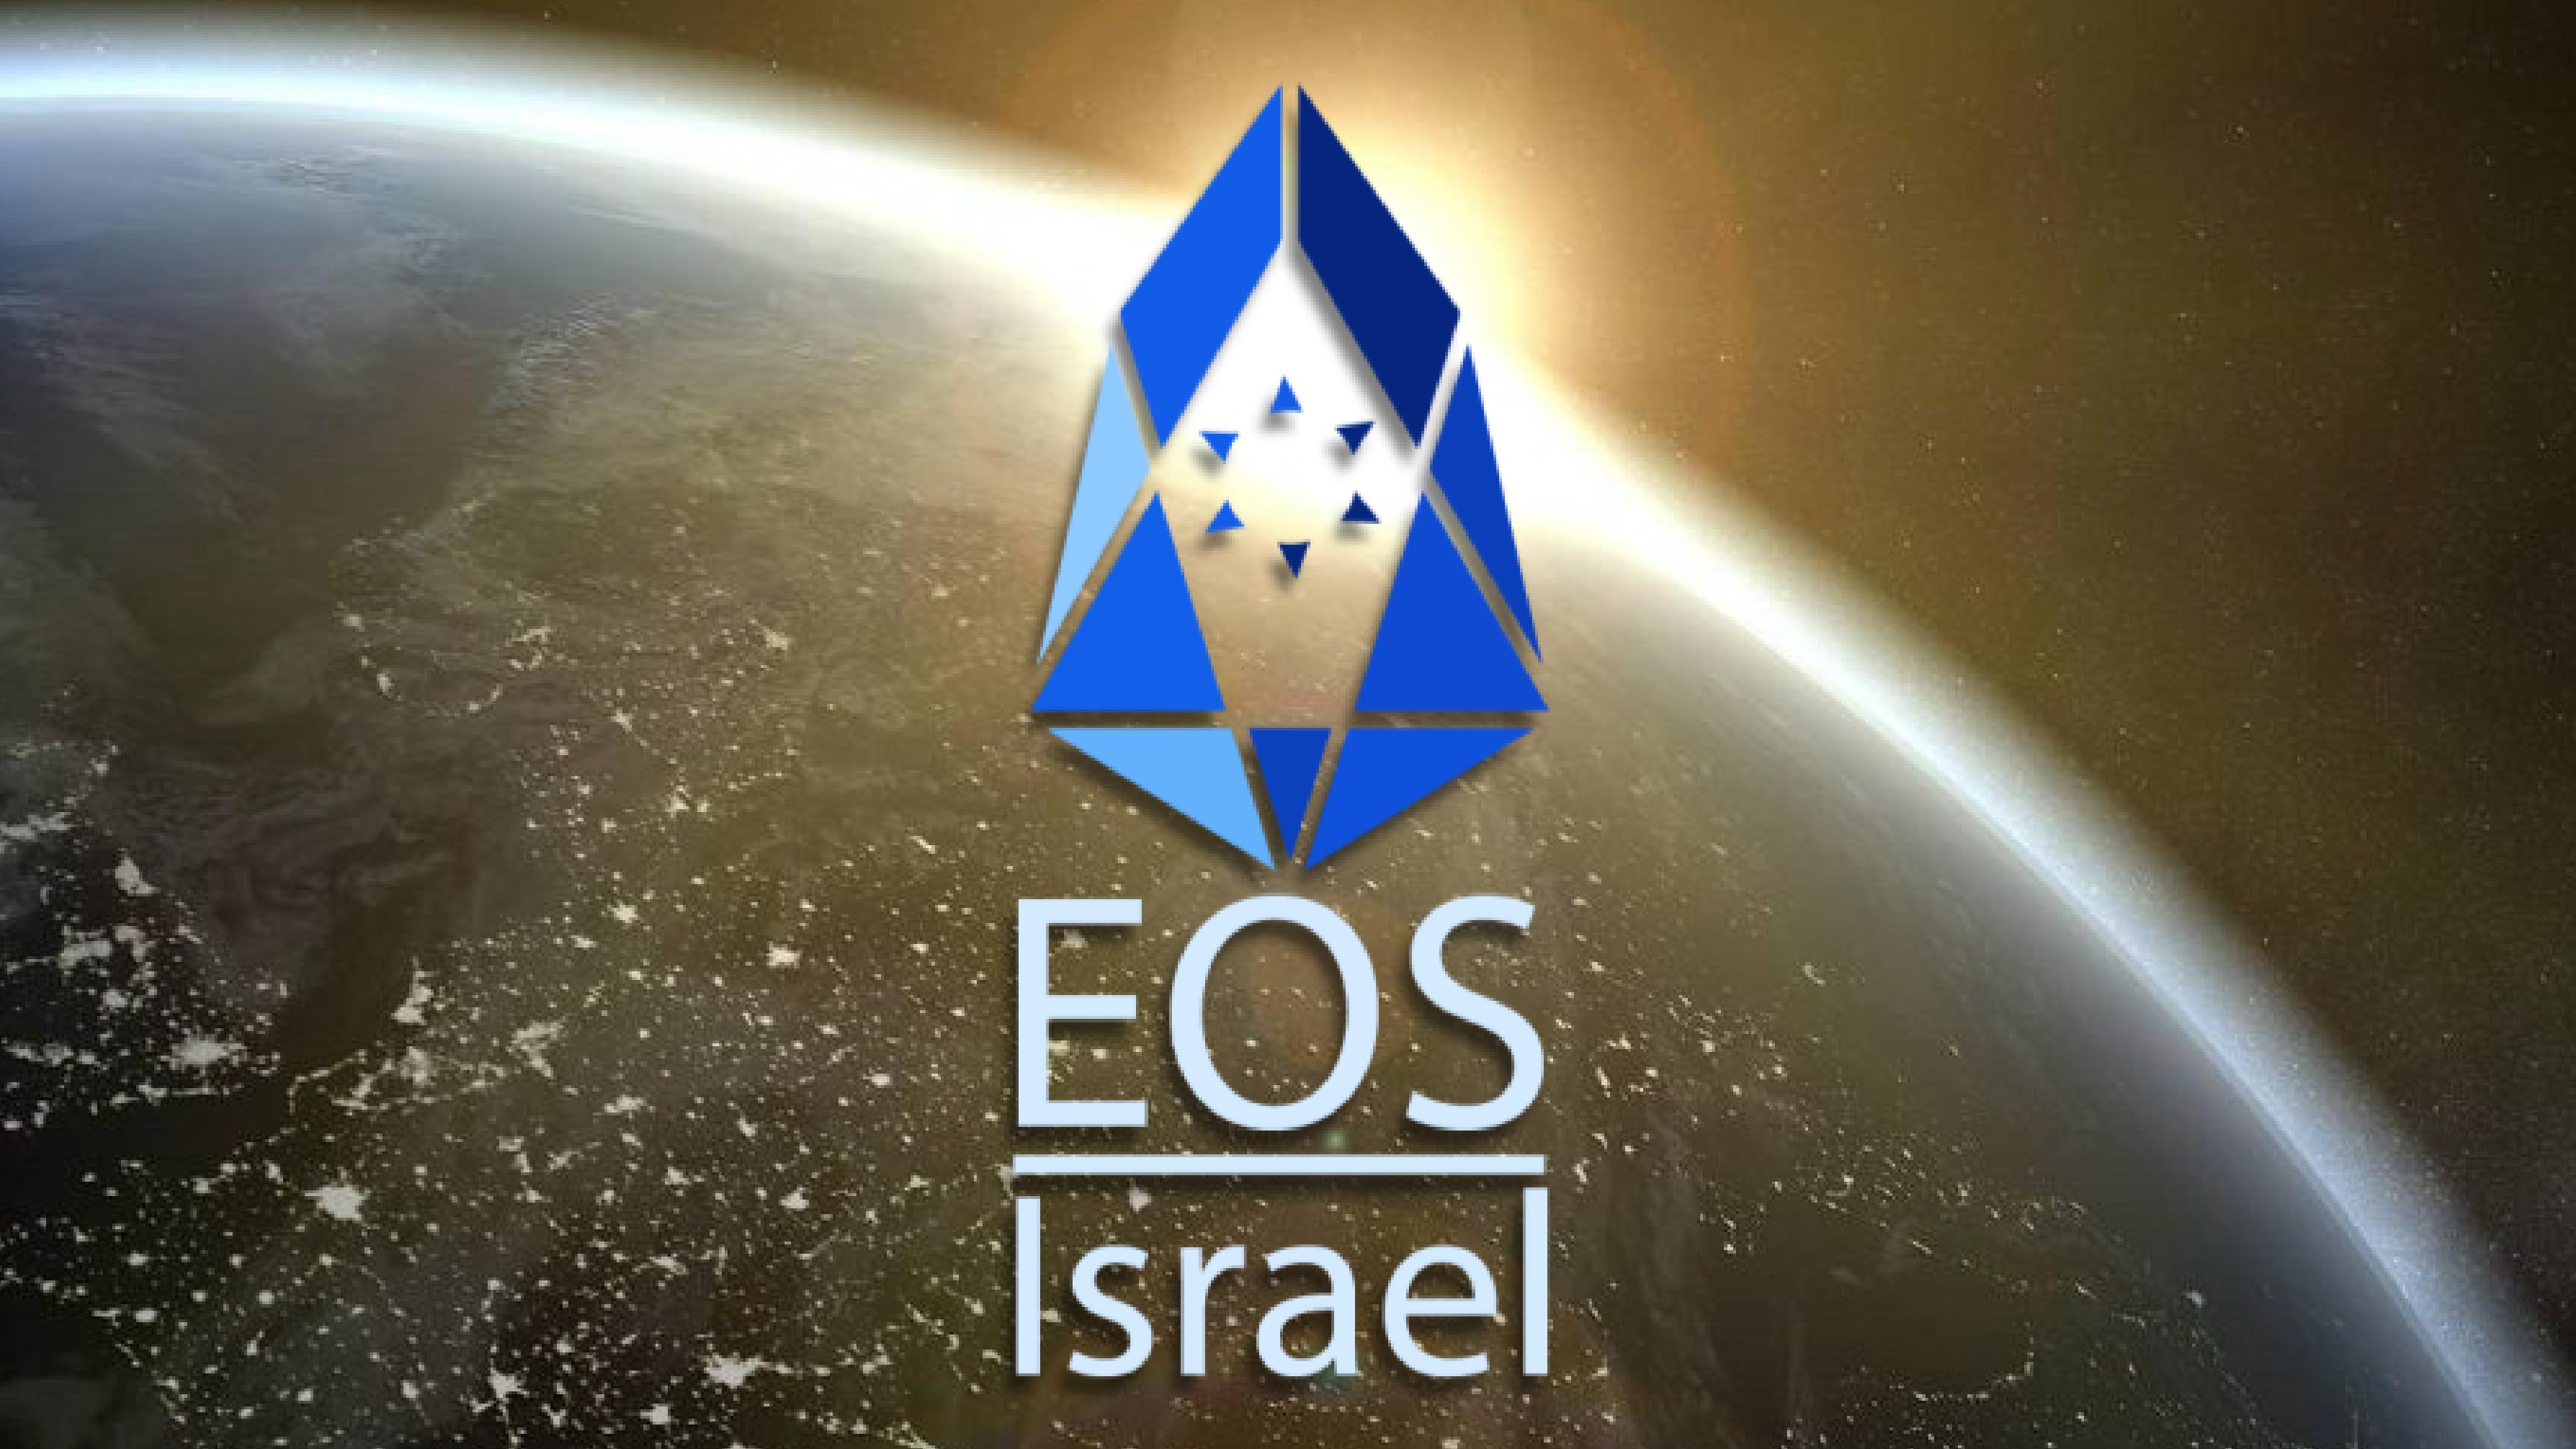 EOS Israel